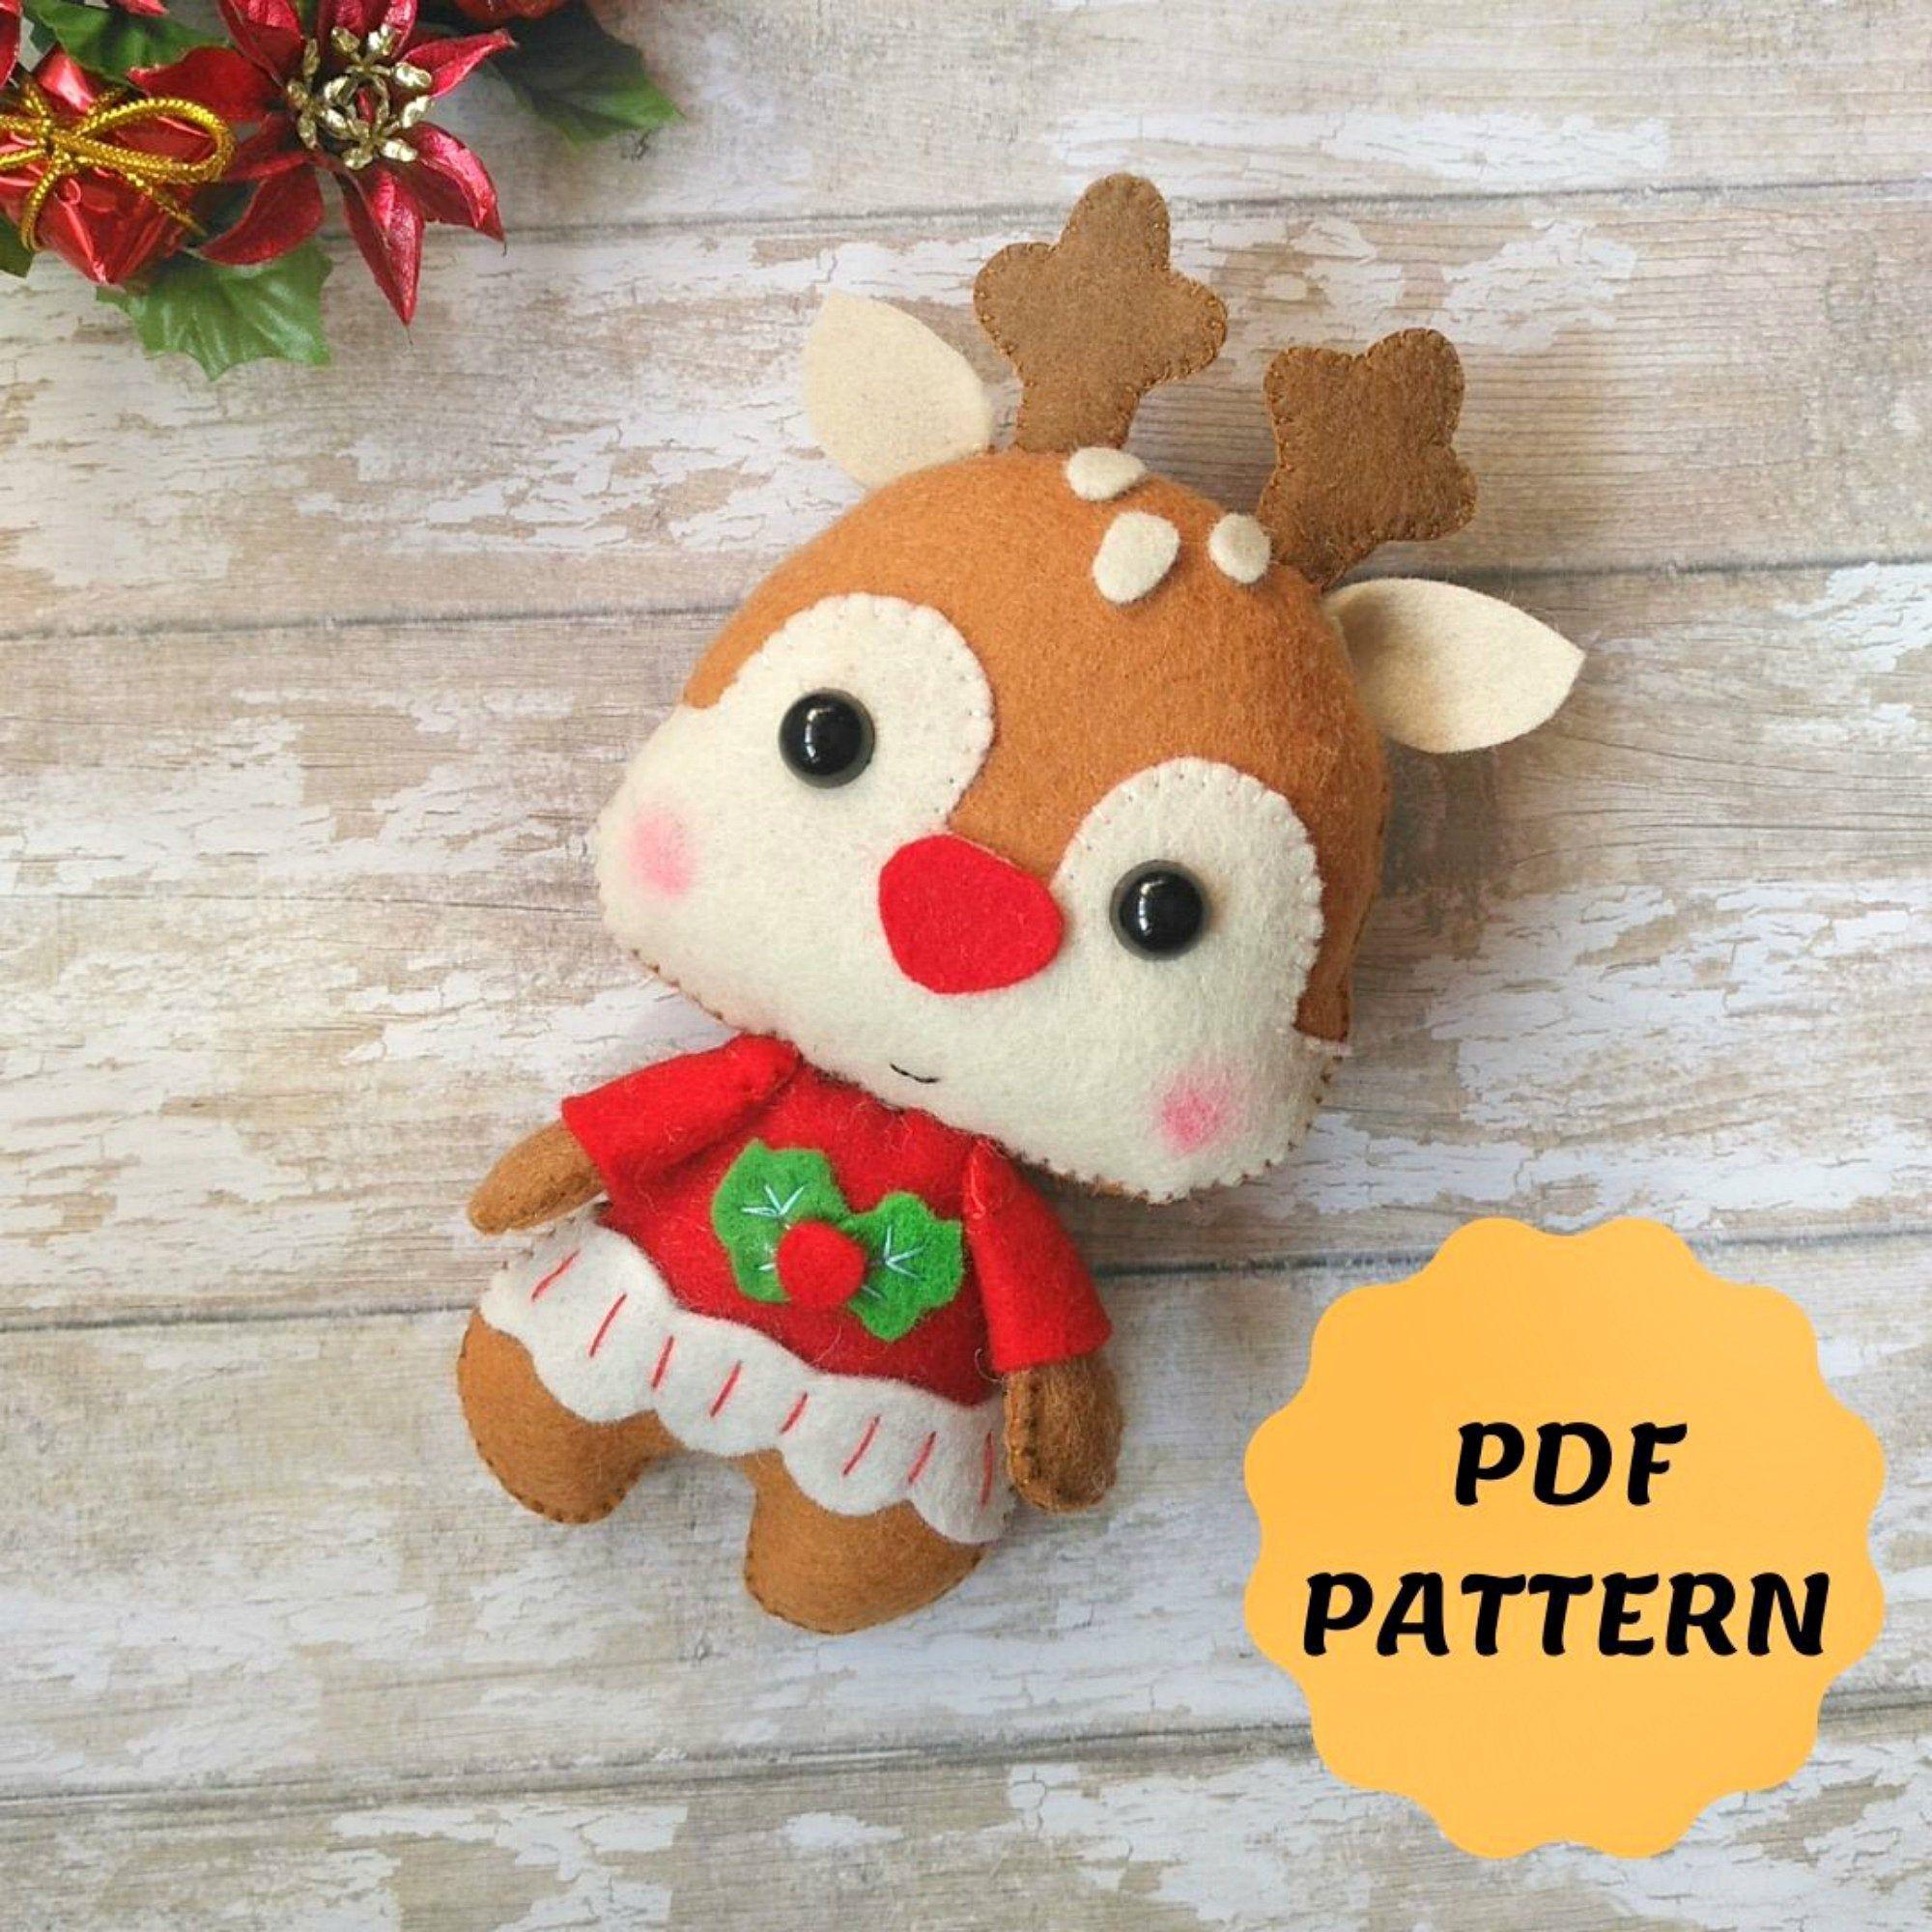 Felt Reindeer Christmas Ornament Reindeer Pattern Felt Rudolph Etsy Felt Christmas Ornaments Felt Ornaments Felt Toys Patterns